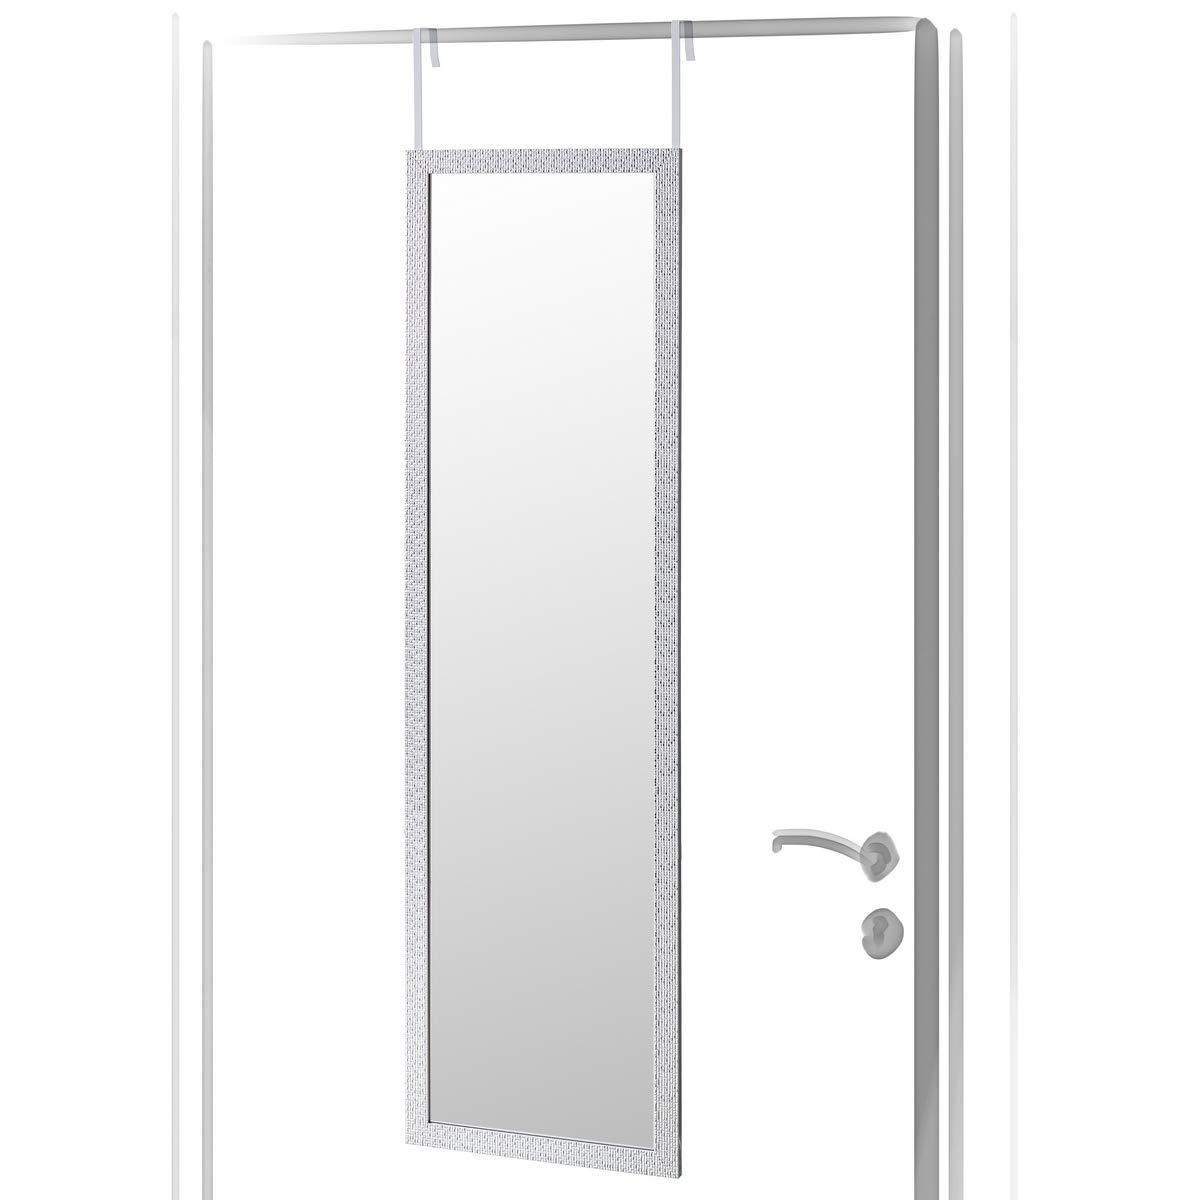 Espejo de Puerta Moderno Plateado de plástico para Dormitorio de 35 x 125 cm Arabia - LOLAhome: Amazon.es: Hogar